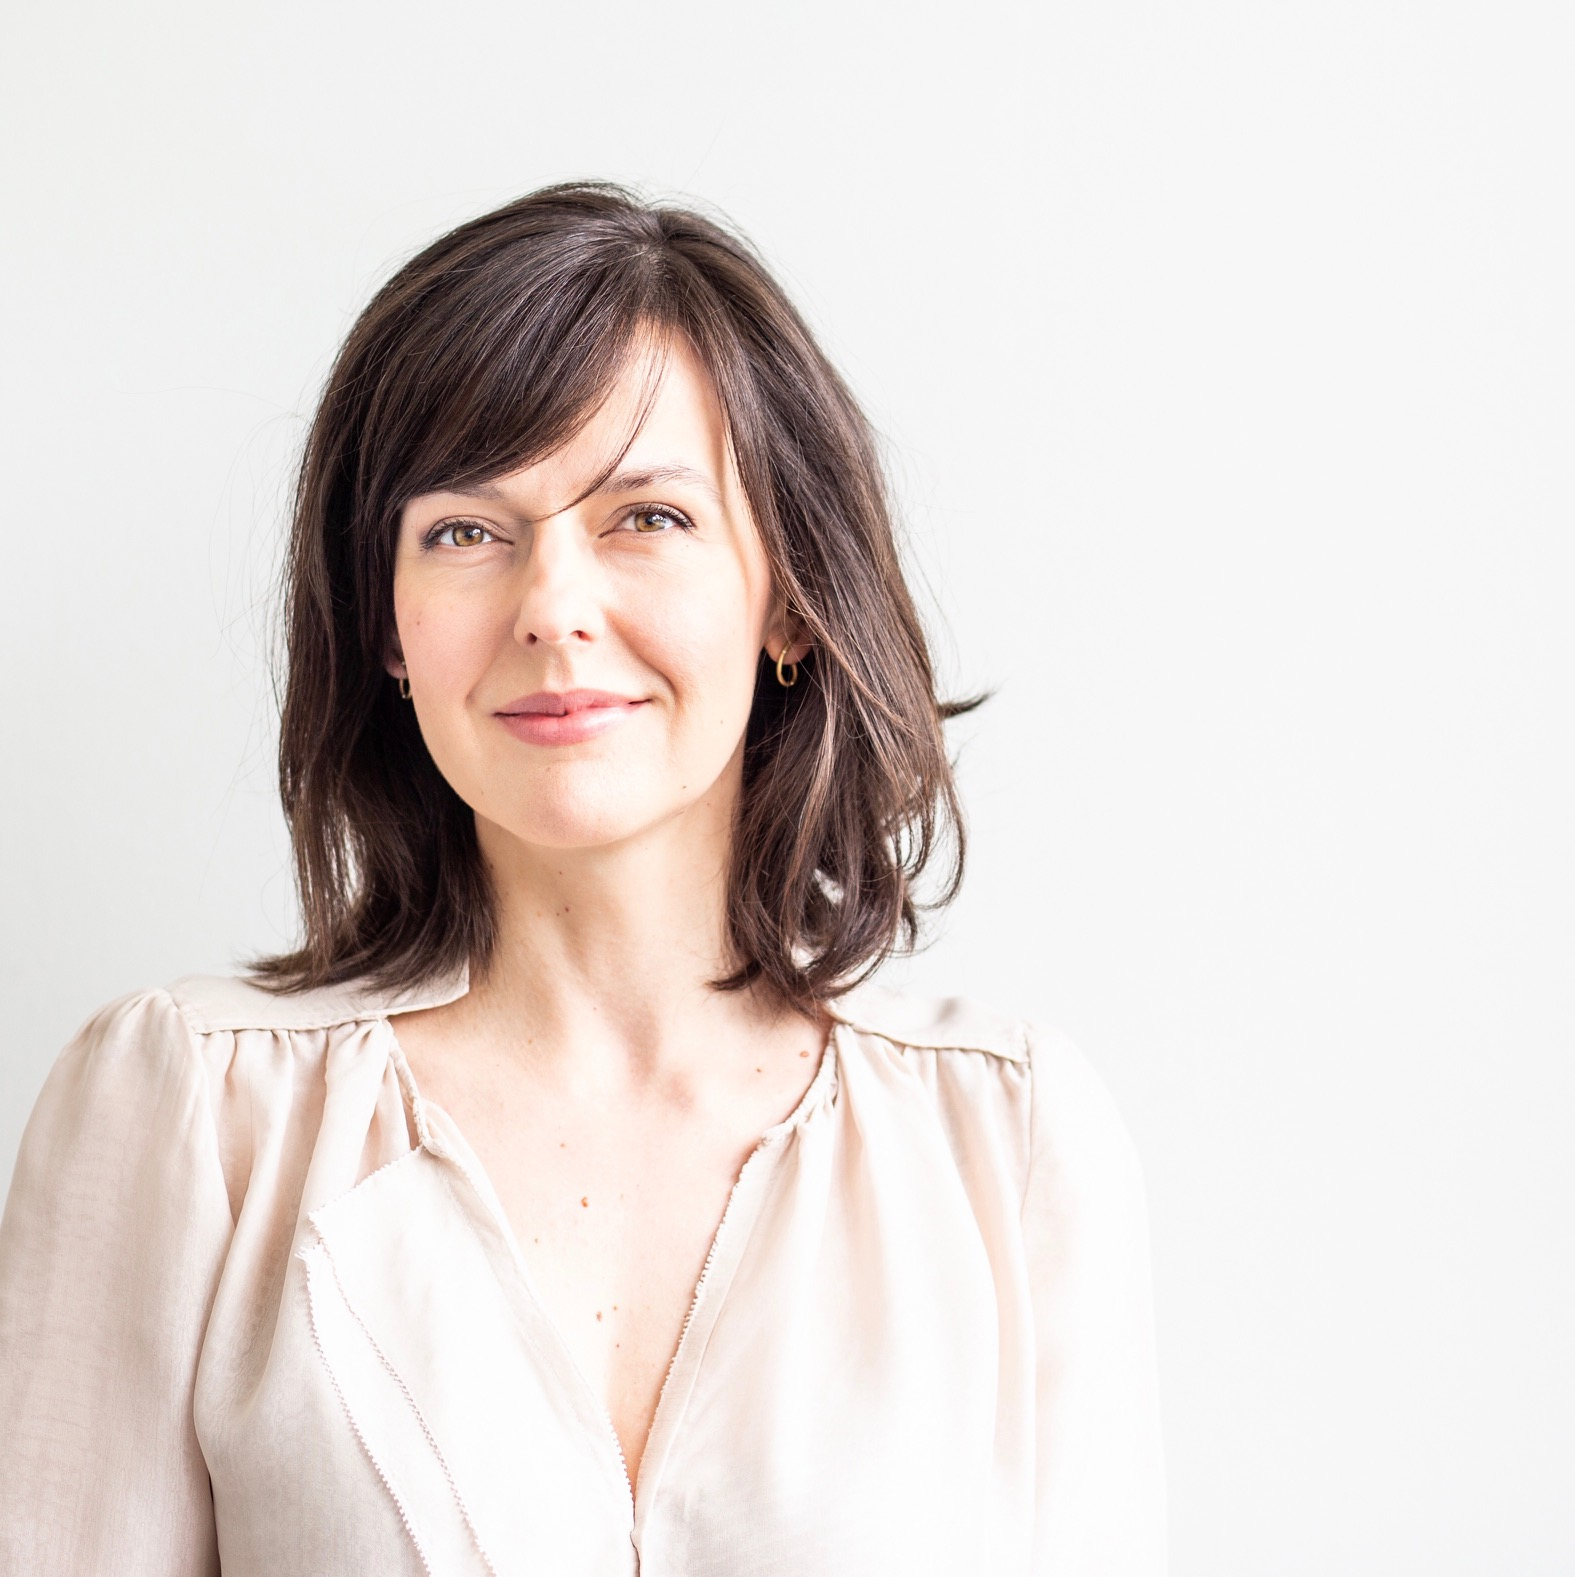 Sladjana Nørskov